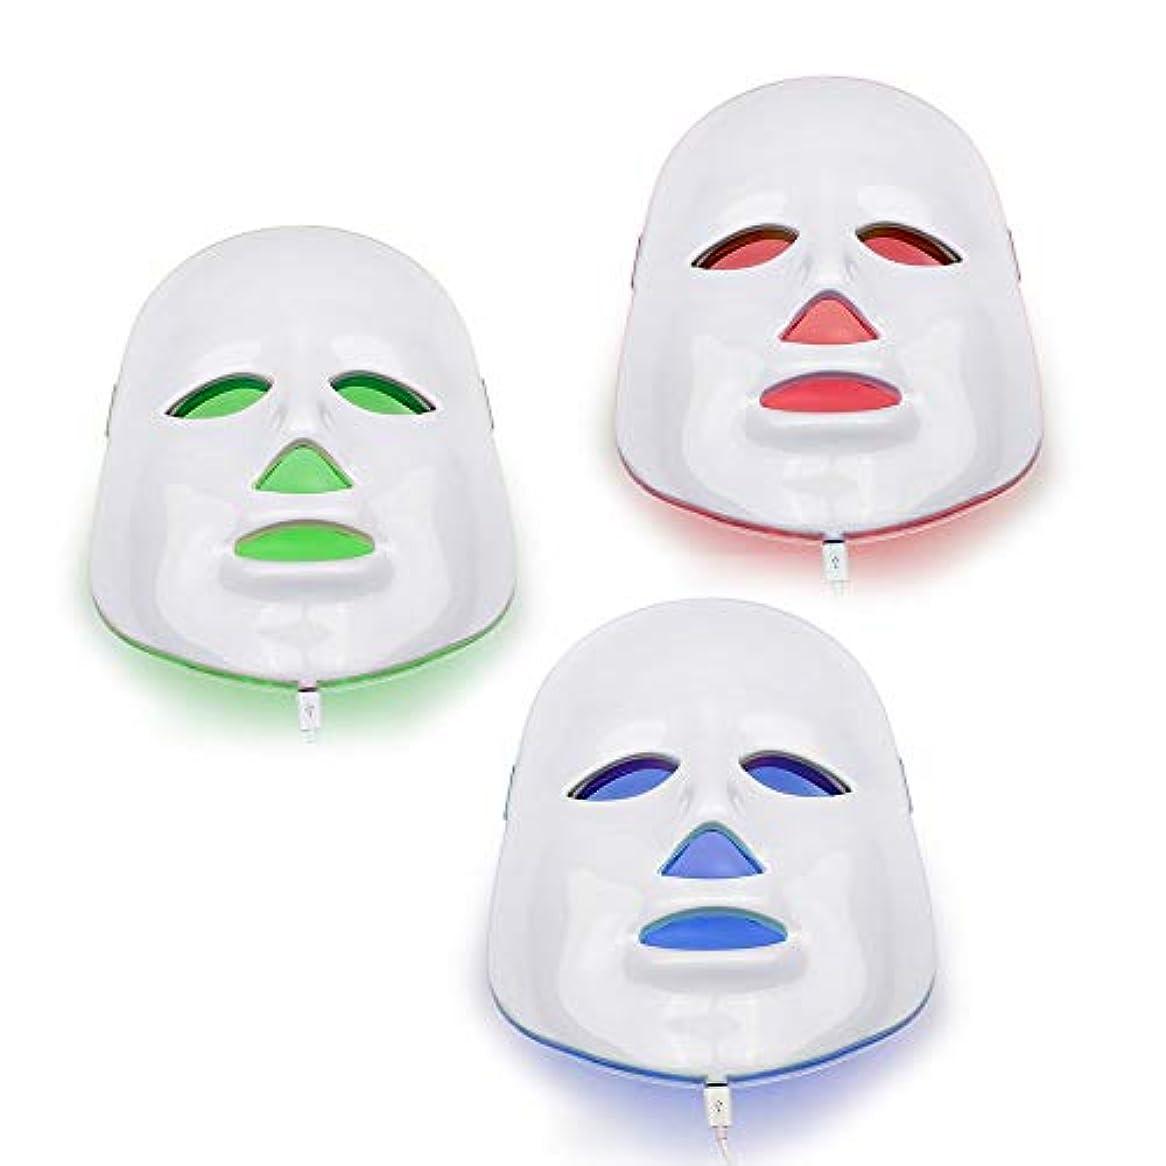 軍減衰推定NORLANYA BEAUTY EQUIPMENT マスク顔光線療法フェイシャルスキンケアマスカラは皮膚 調色しわ除去 用 光を主導主導しました